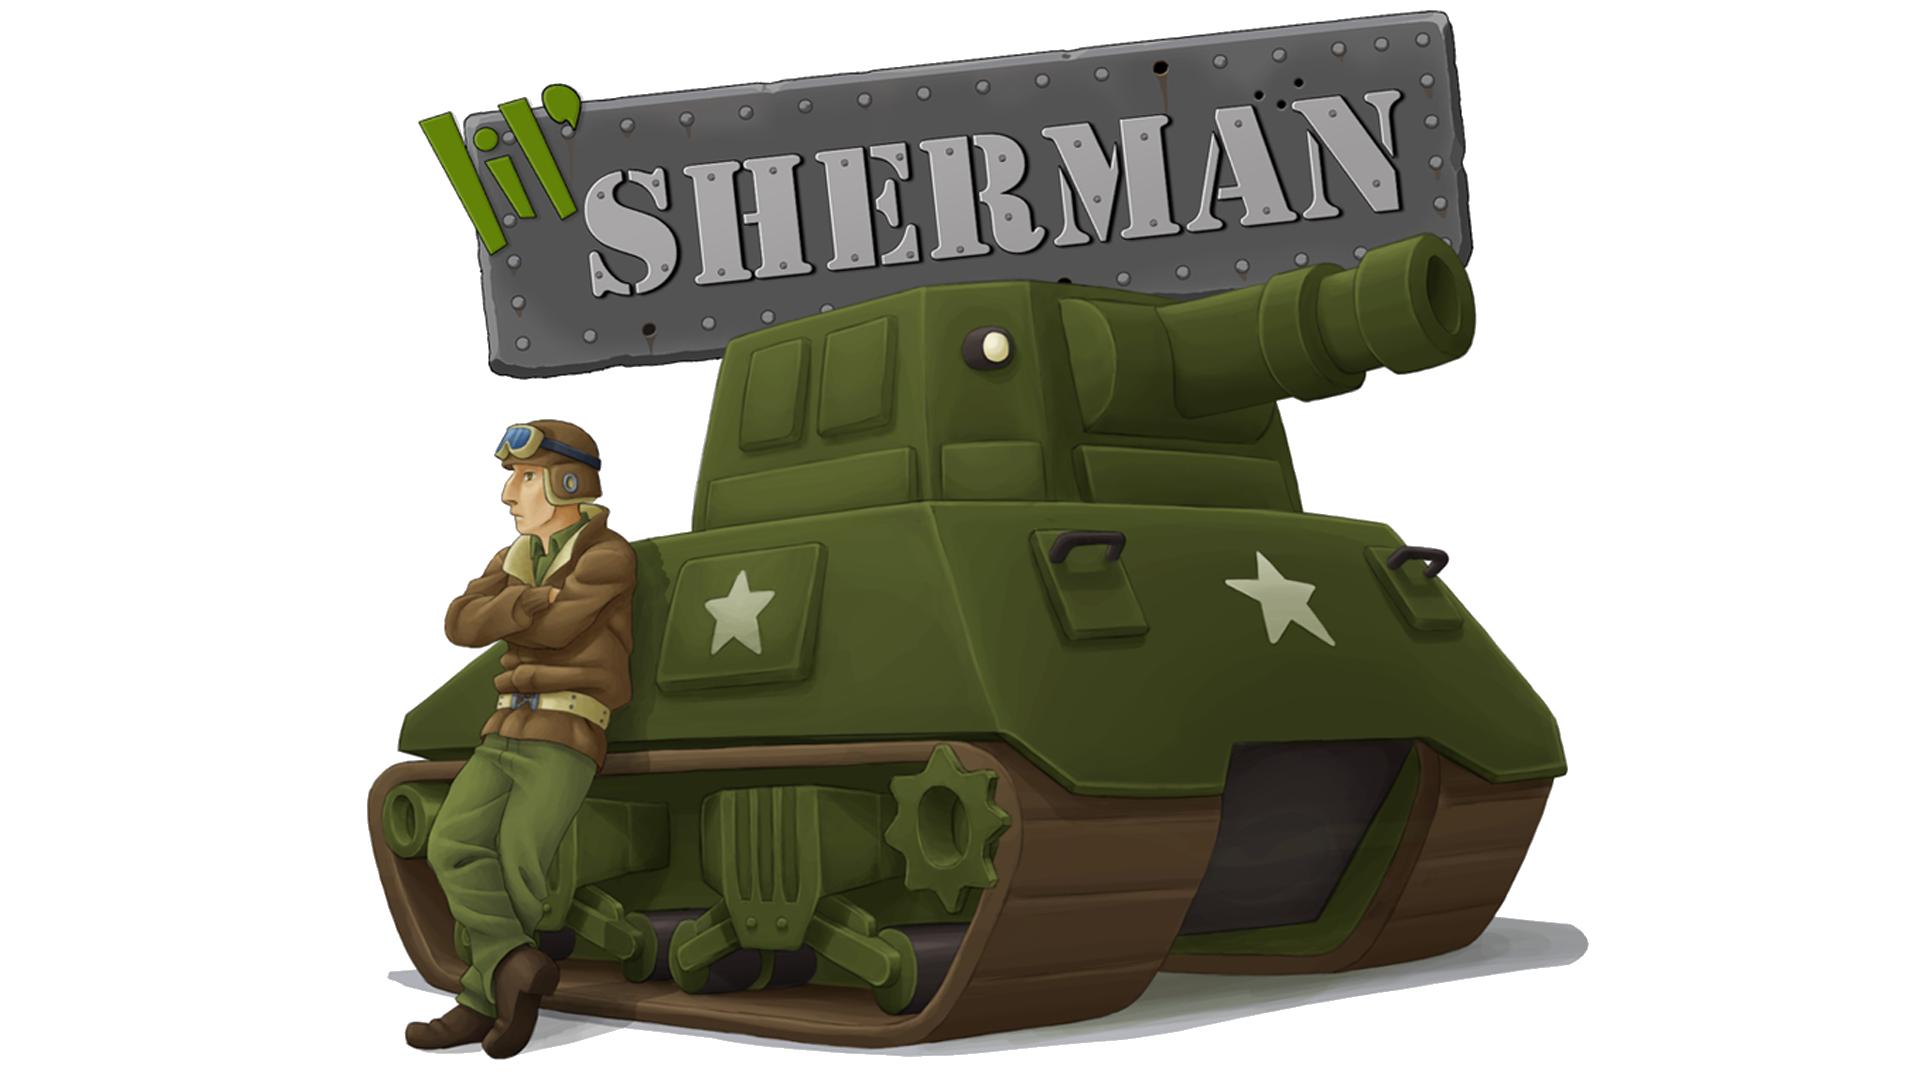 lil' Sherman